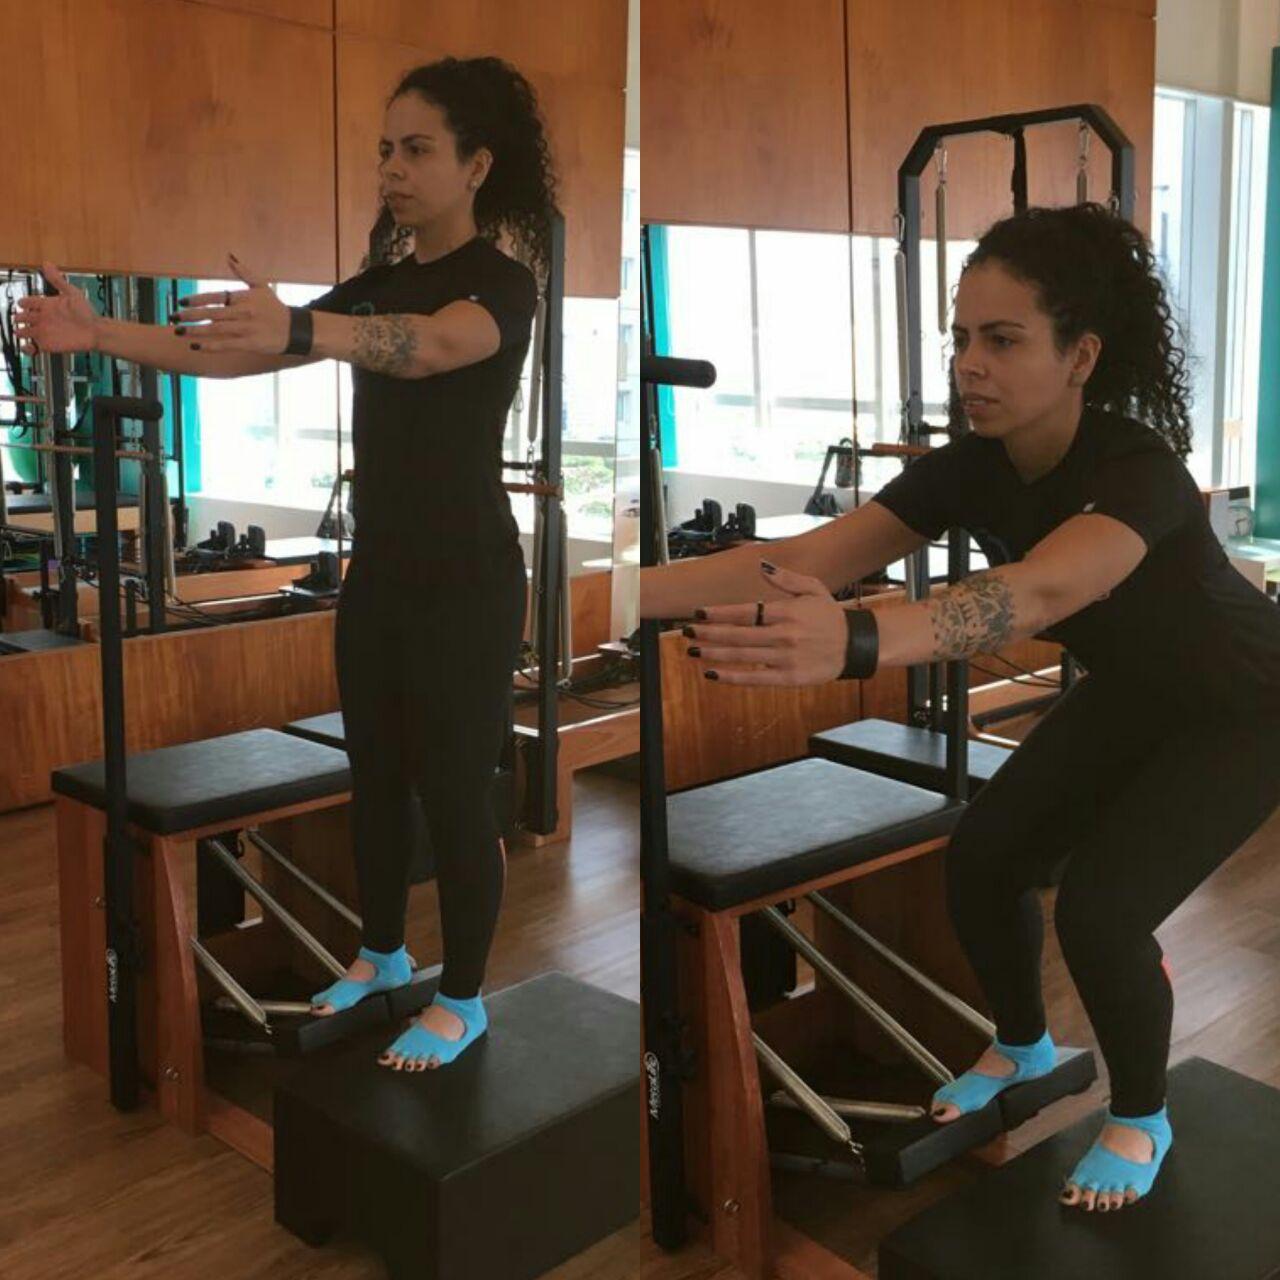 Agachamento com instabilidade na chair